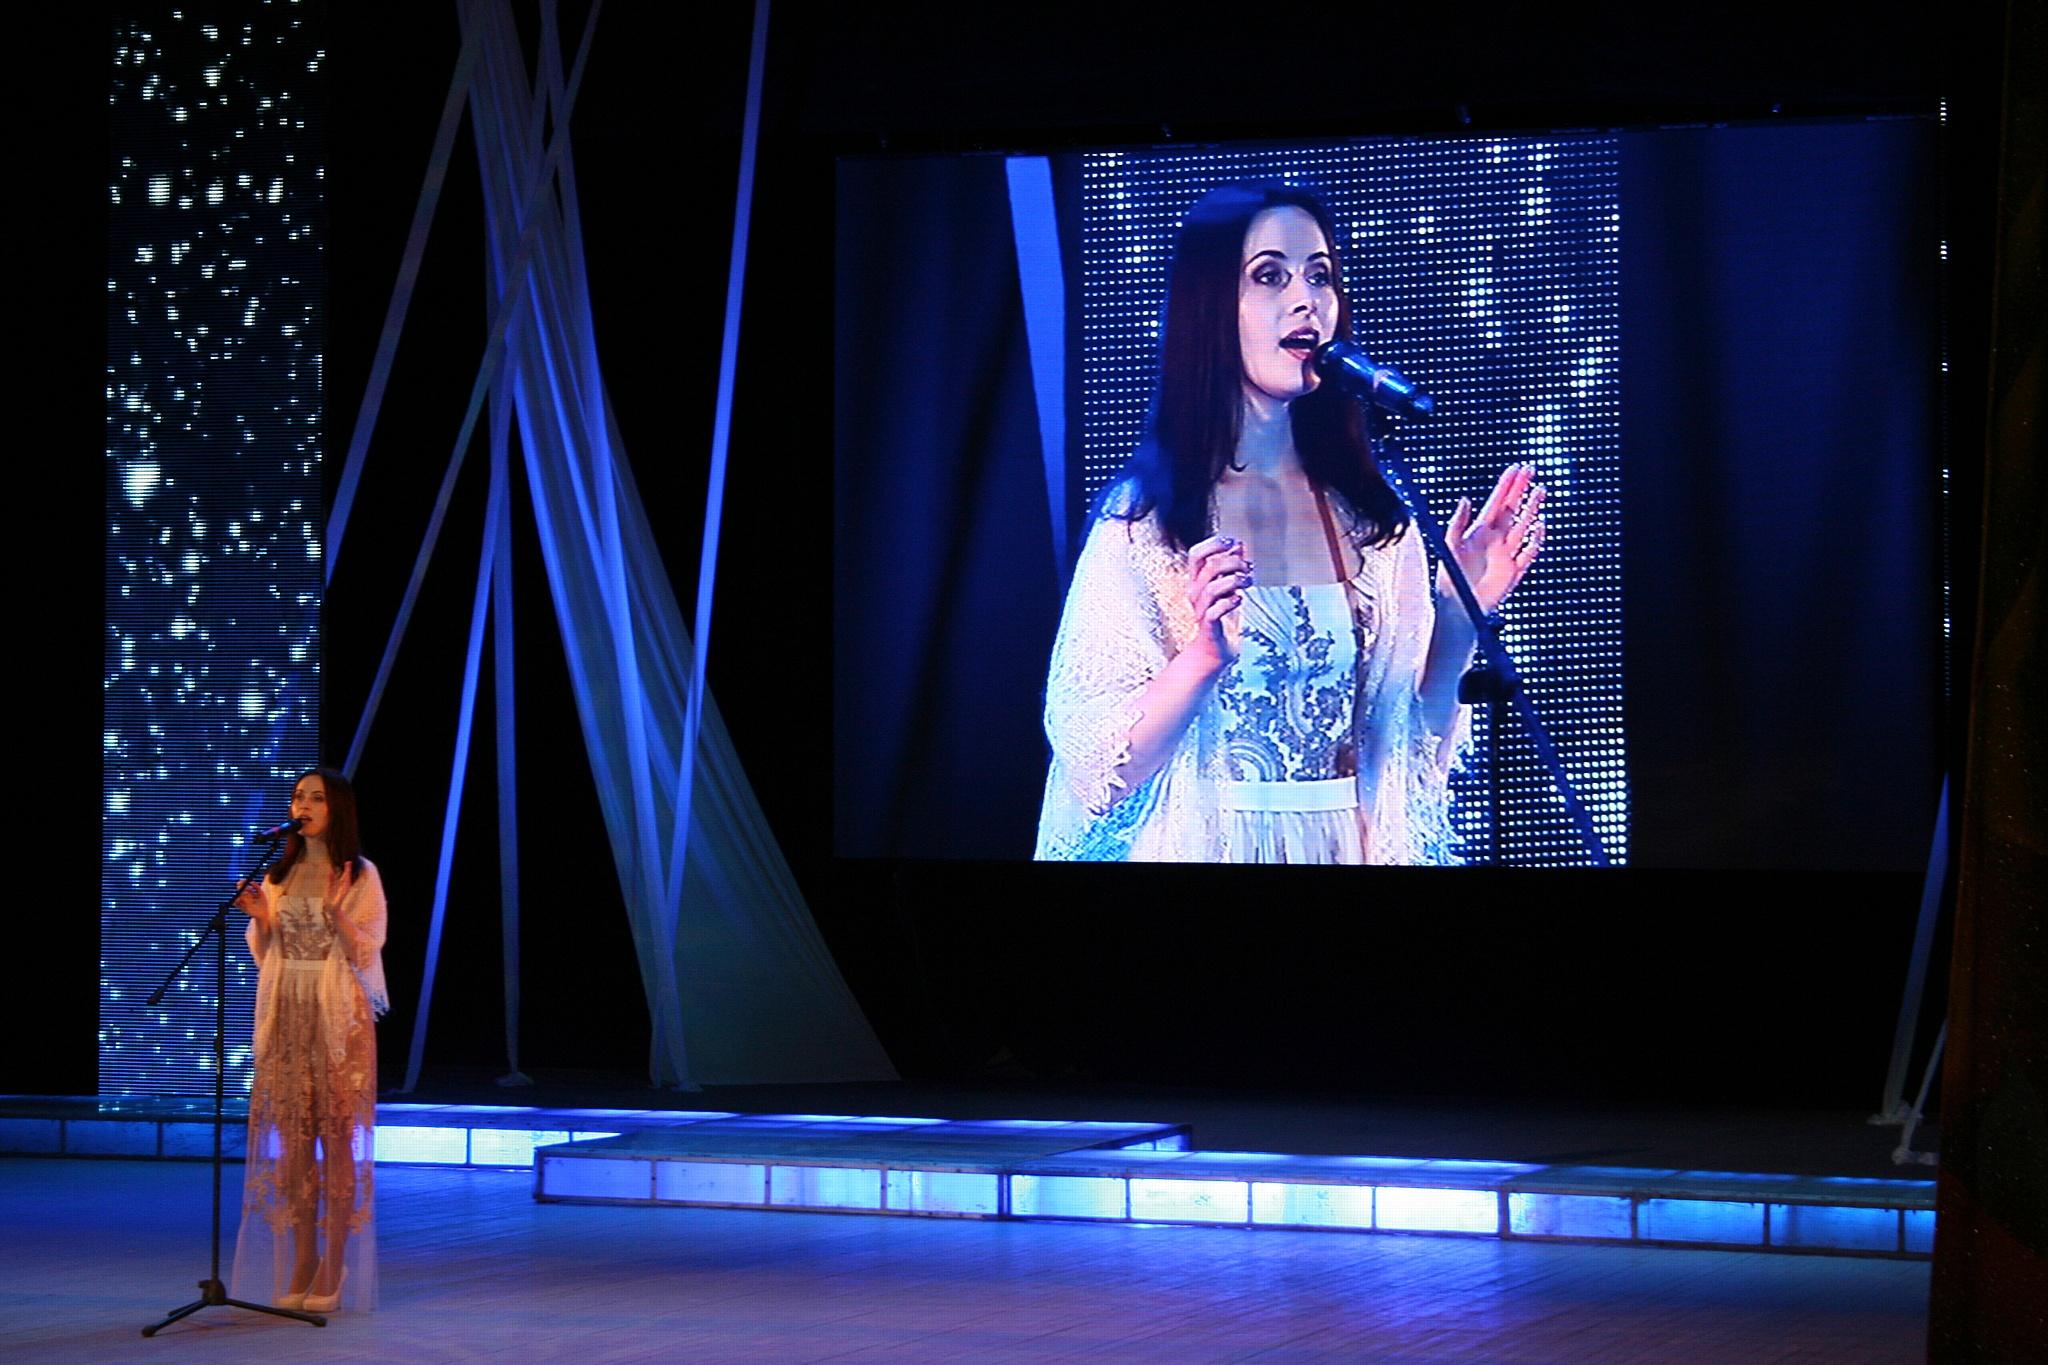 Областной конкурс молодых исполнителей «Песня не знает границ»